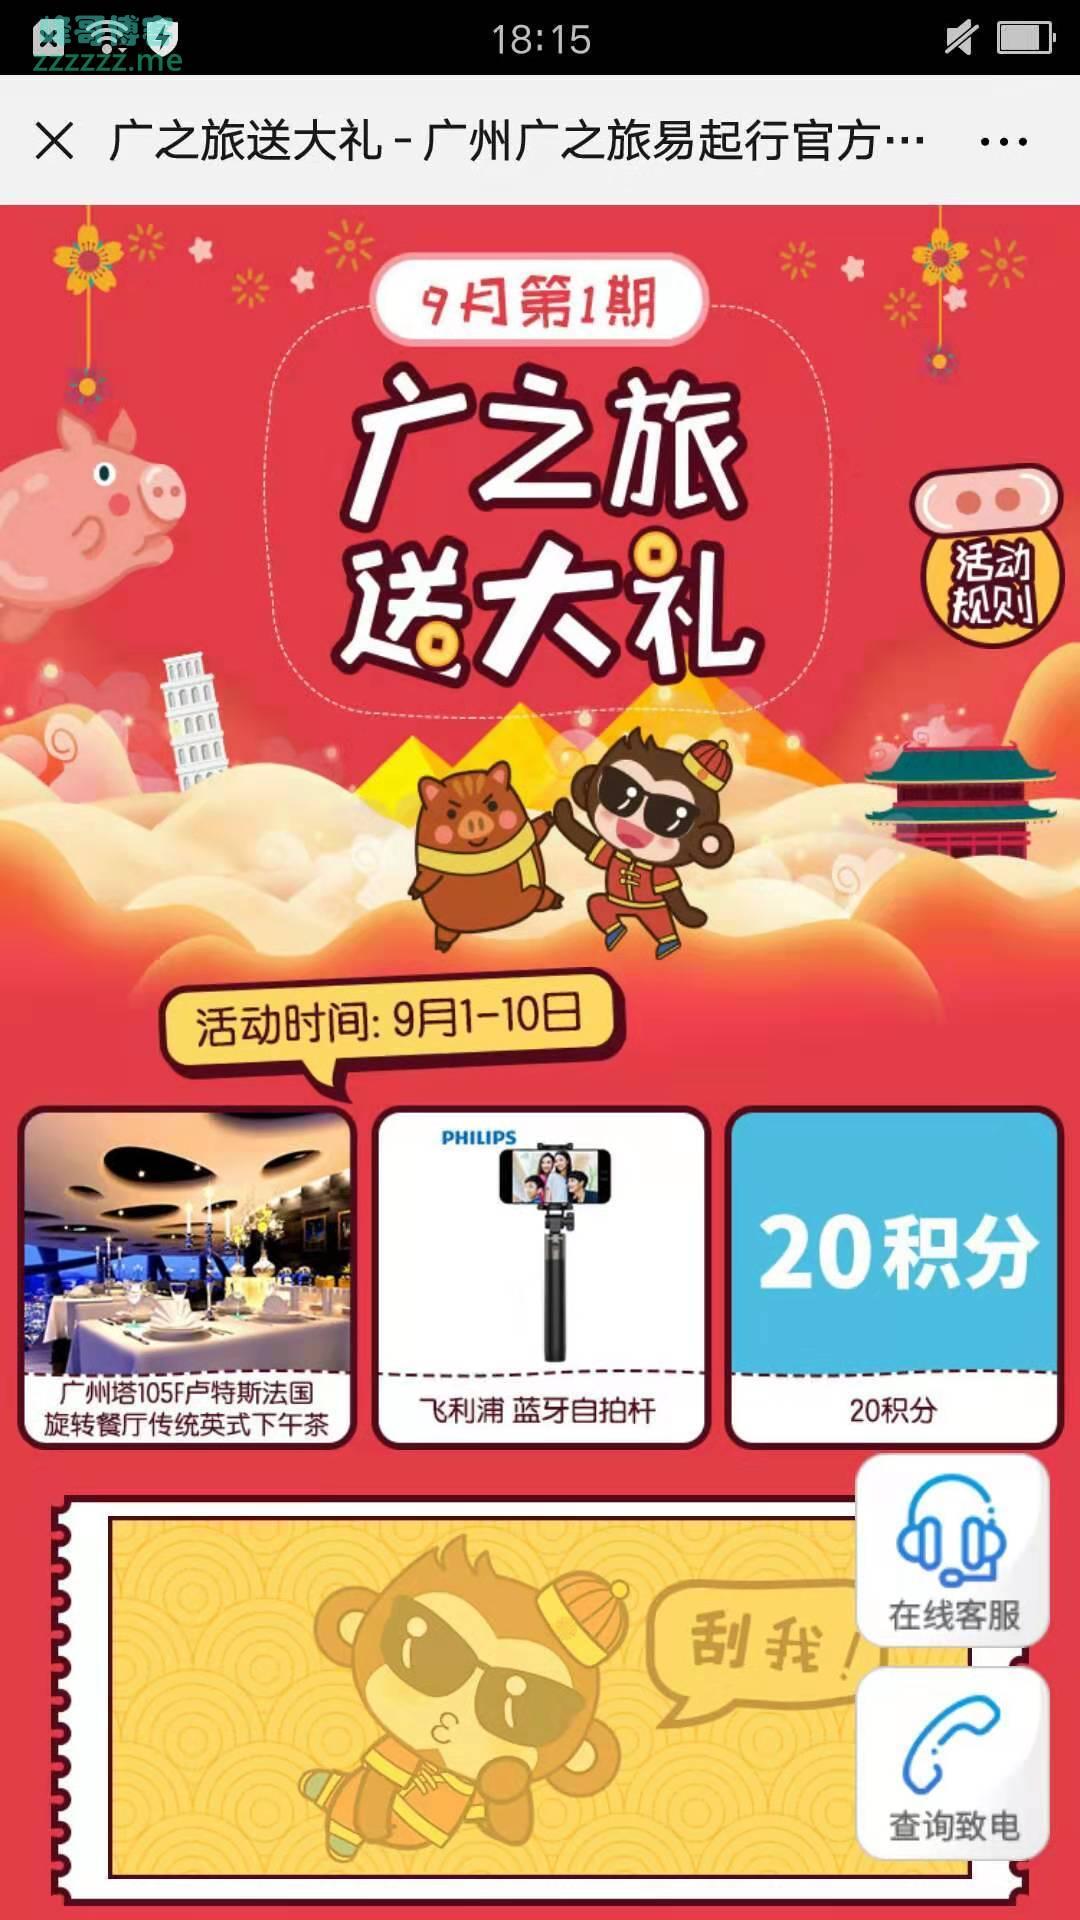 广之旅9月第一期刮一刮送大礼(截止9月10日)